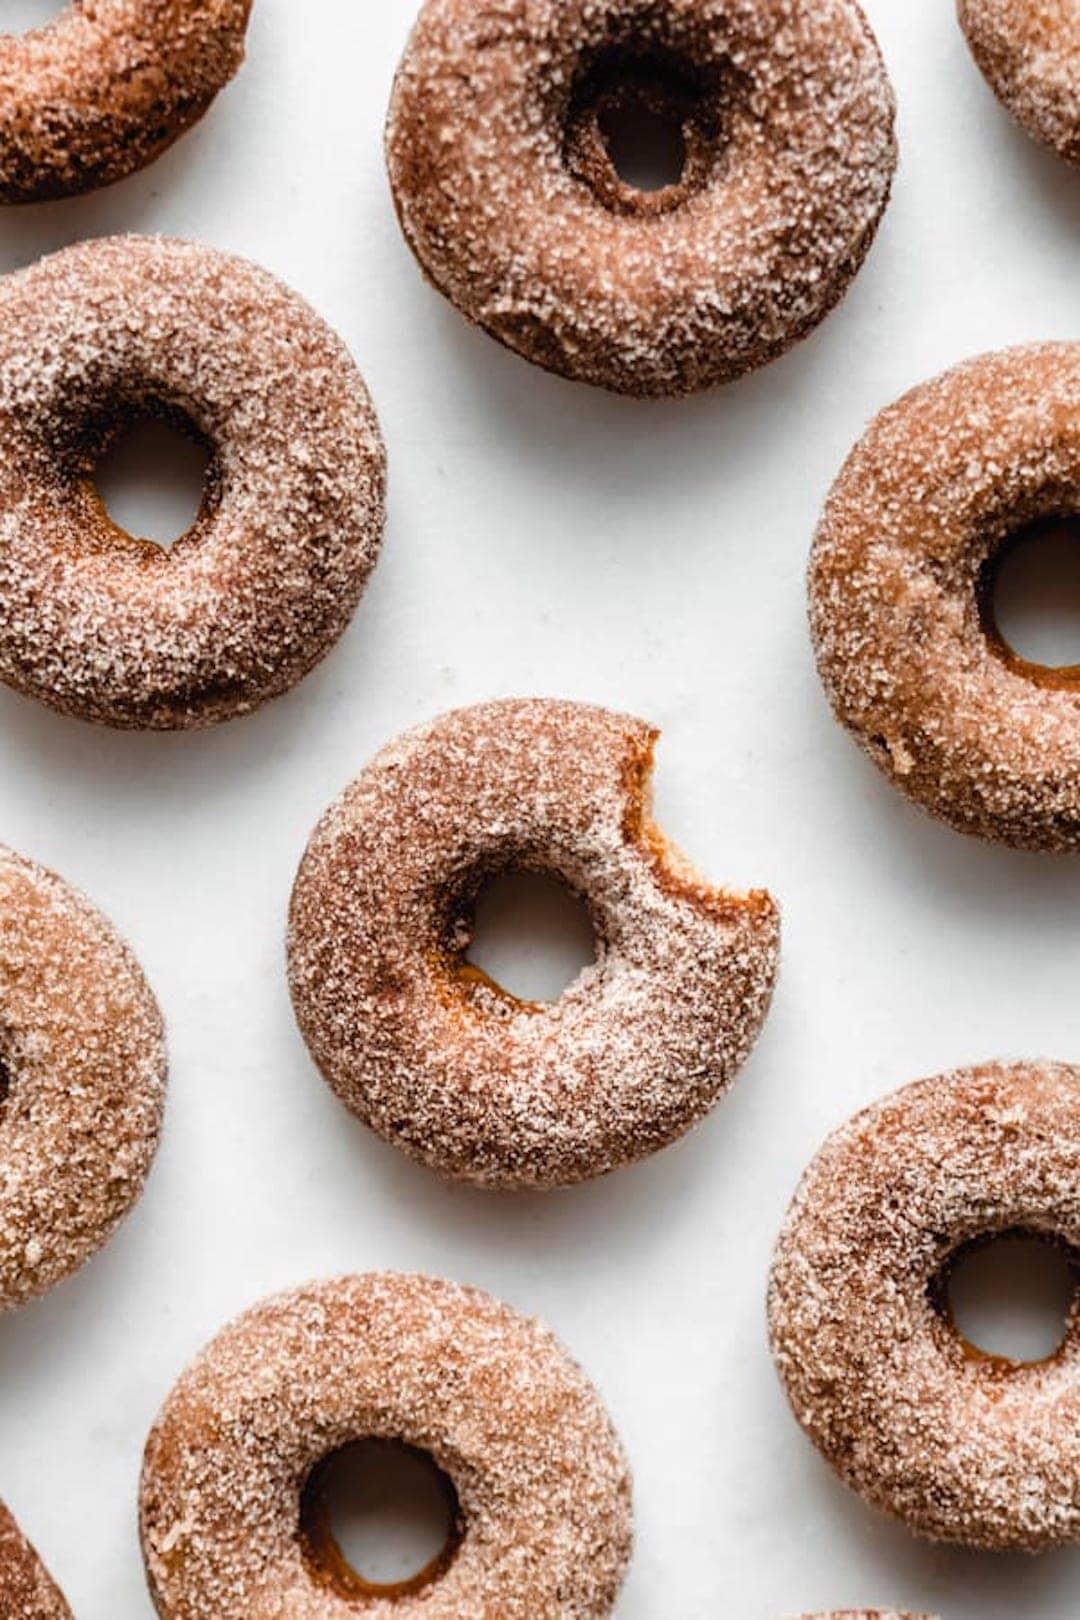 12 Super Easy Plant Based Desserts - Vegan Apple Cider Donuts